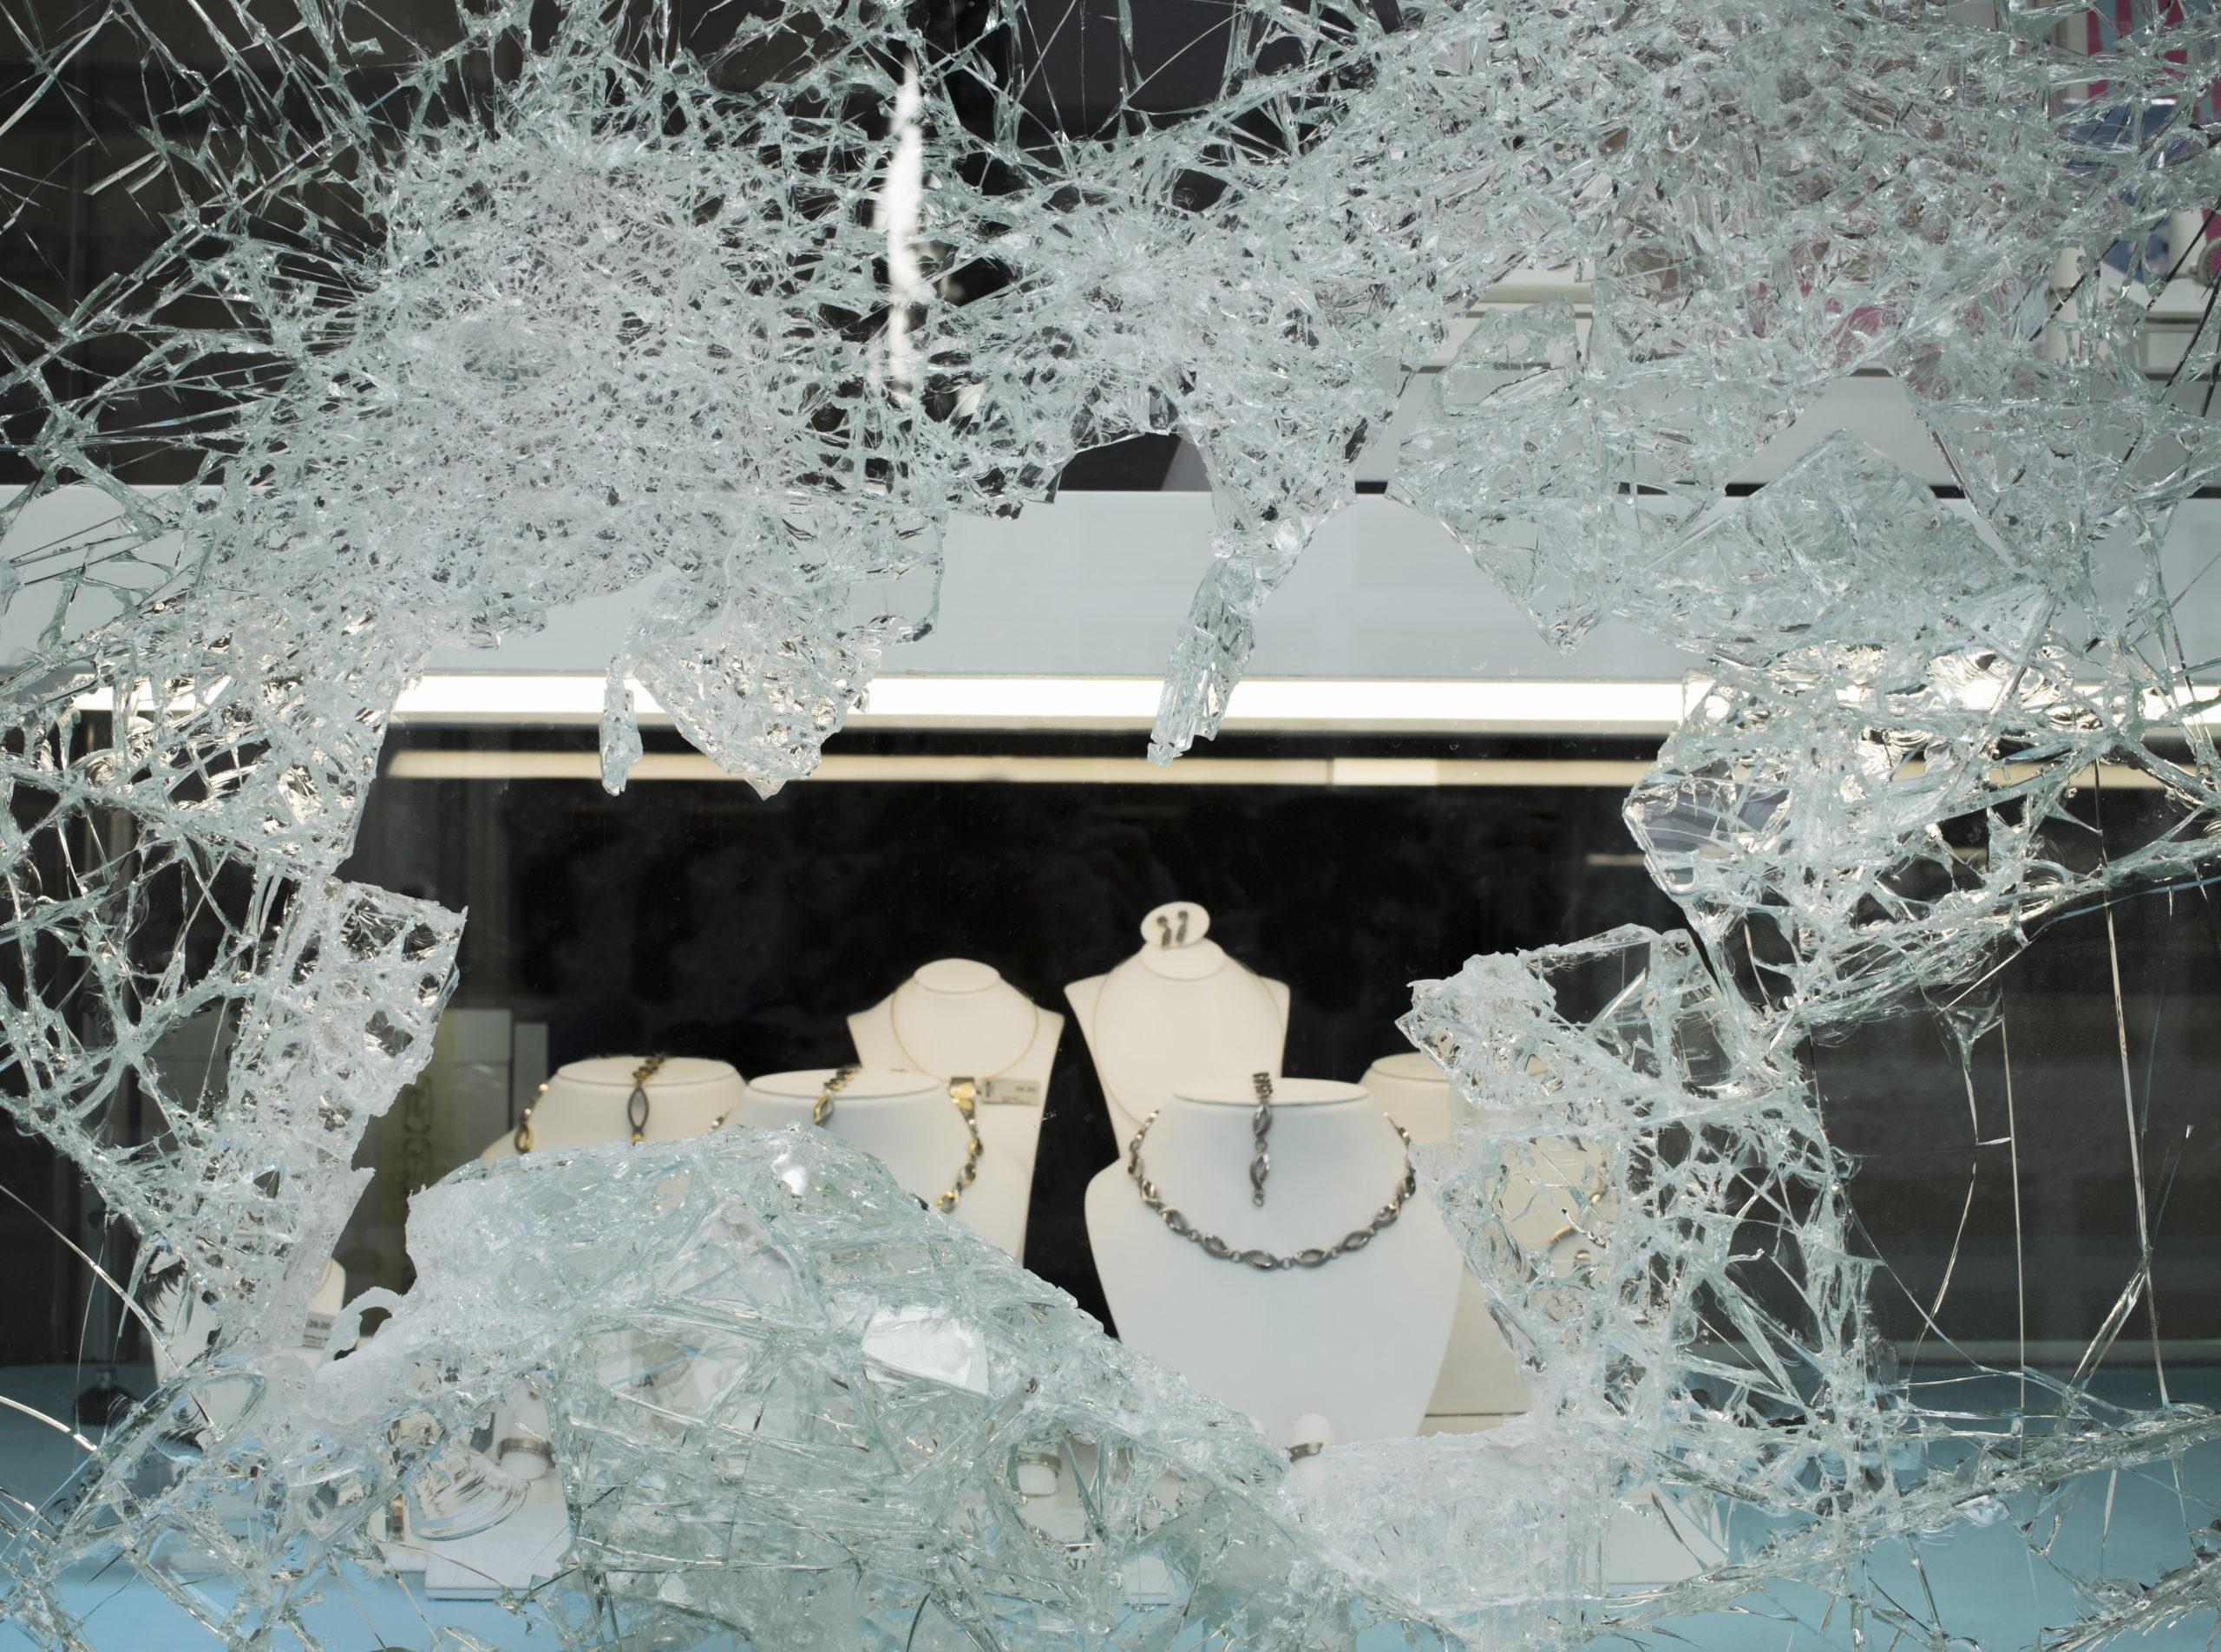 Chi è il responsabile del danno se l'antifurto non funziona?